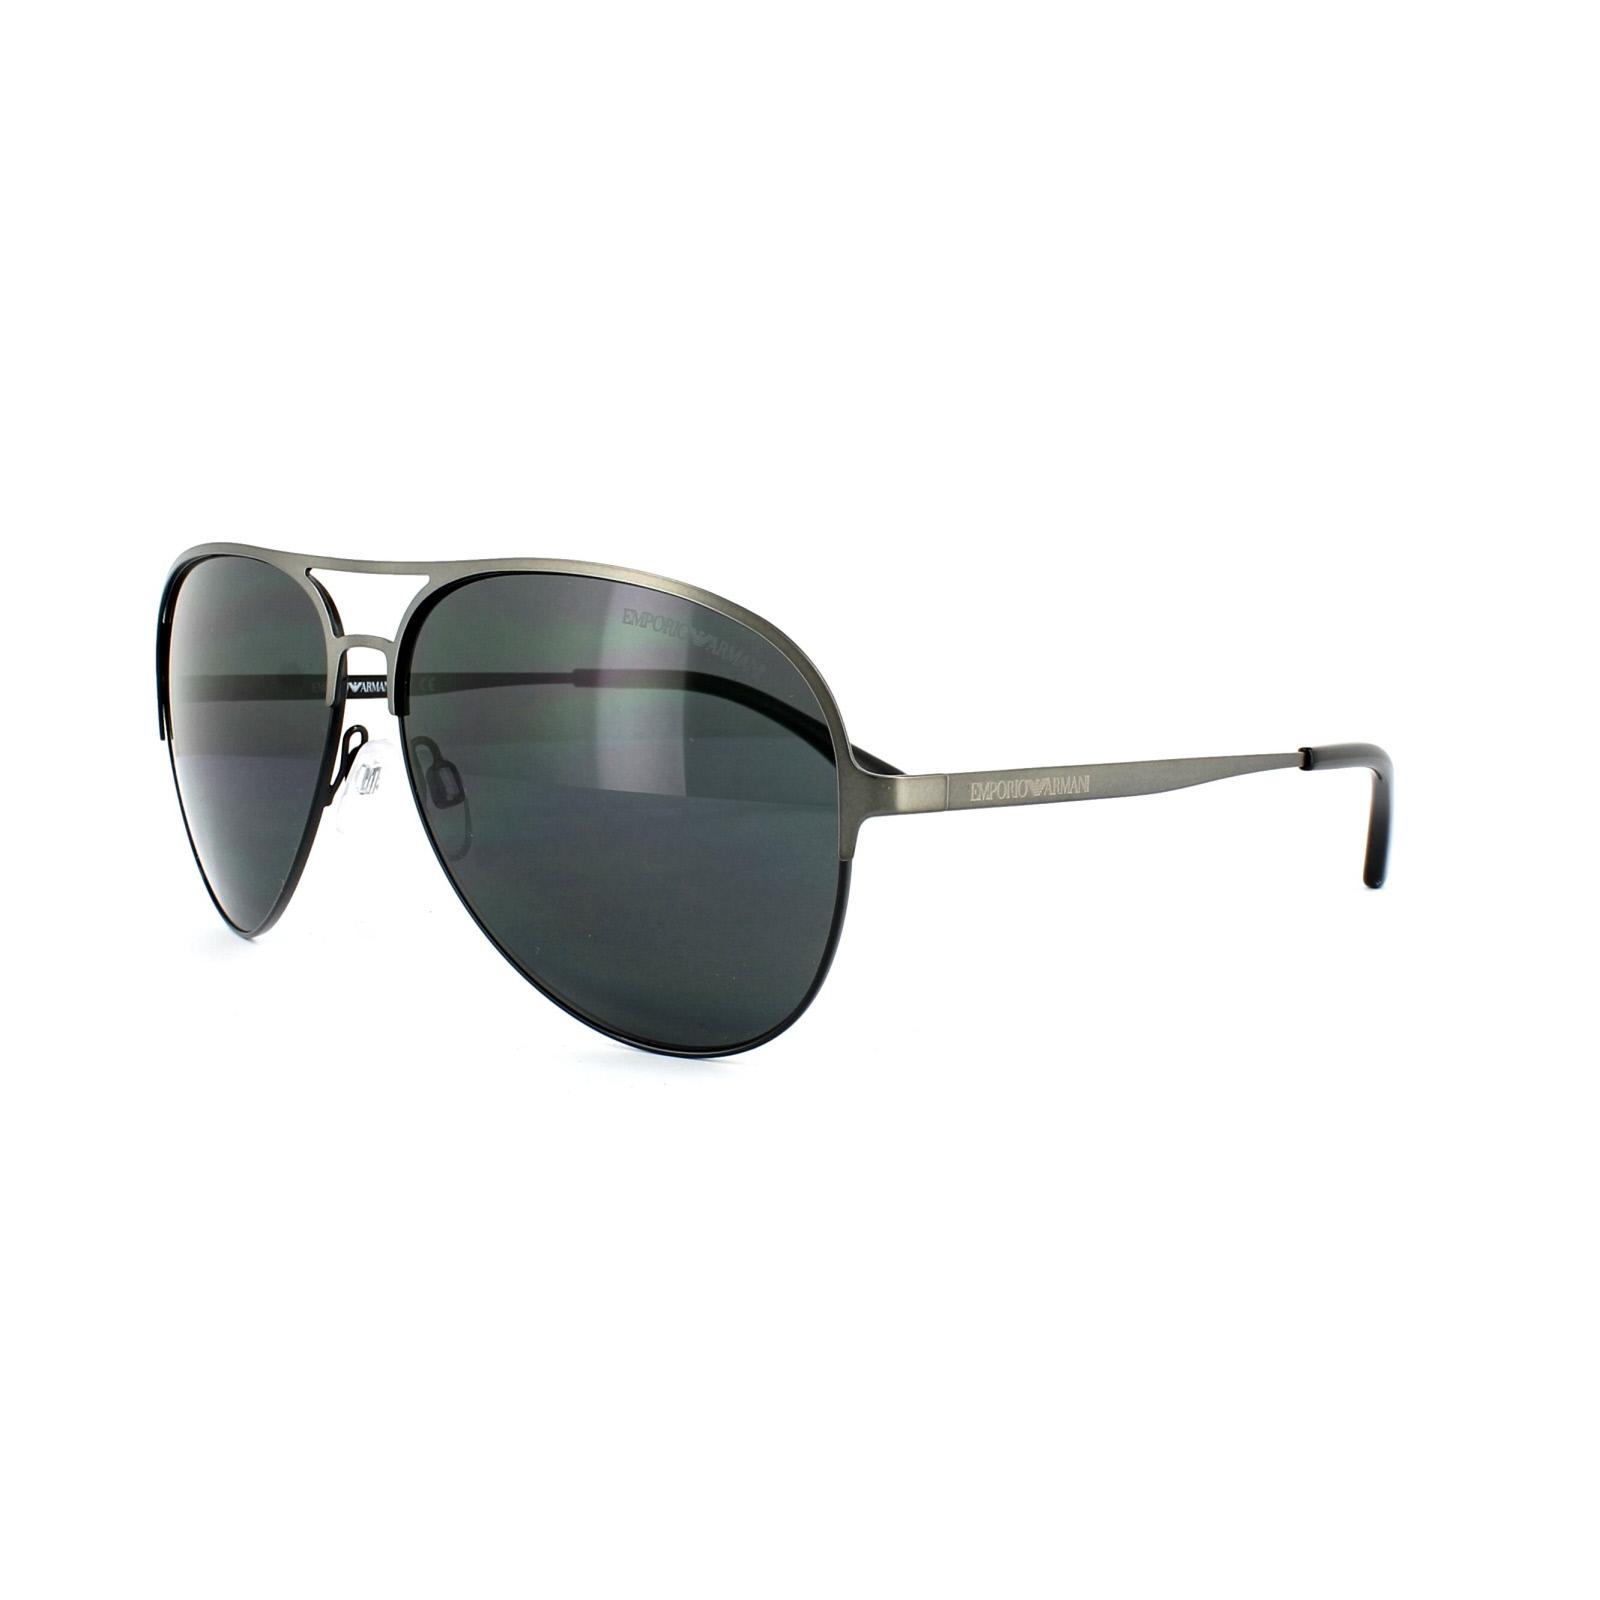 c7bce590d710 Sentinel Emporio Armani Sunglasses 2032 3126 87 Matt Ruthenium Black Grey